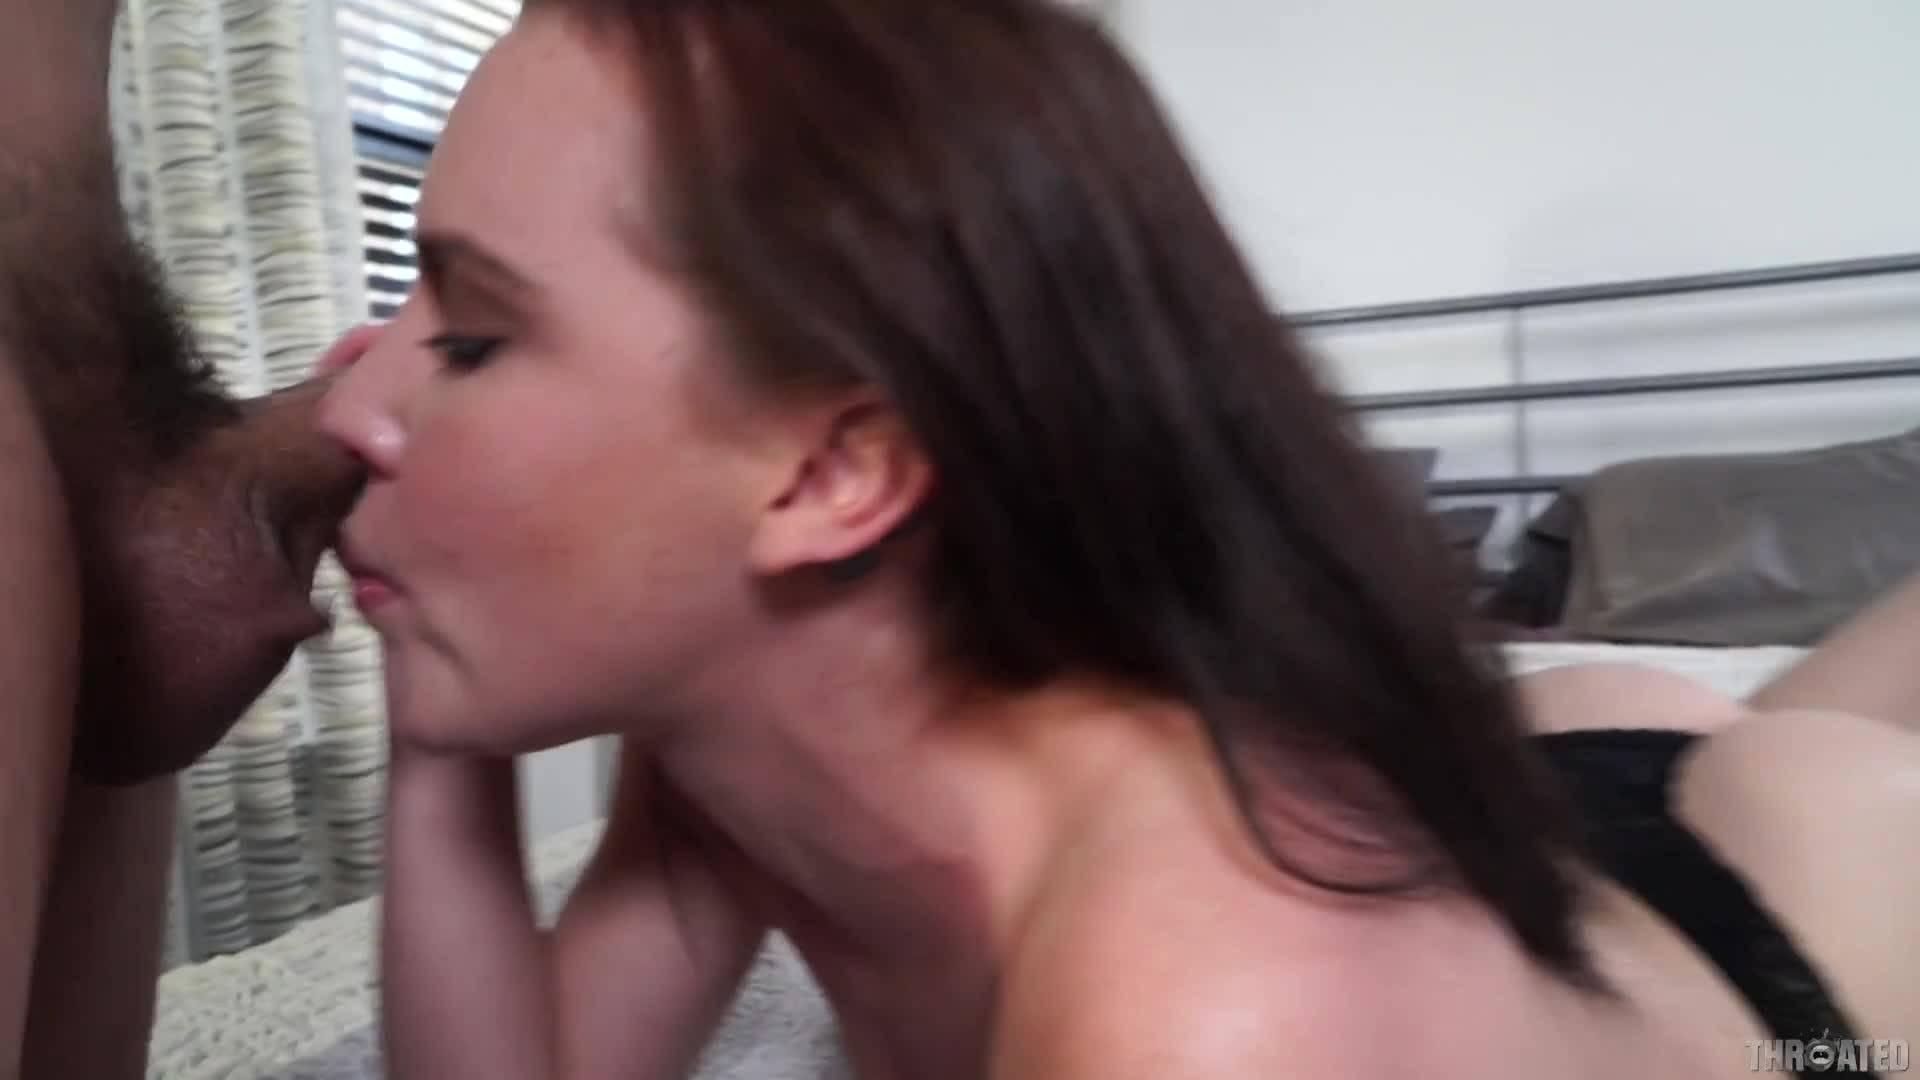 Глубокий миньет страстной брюнетки доводит до оргазма